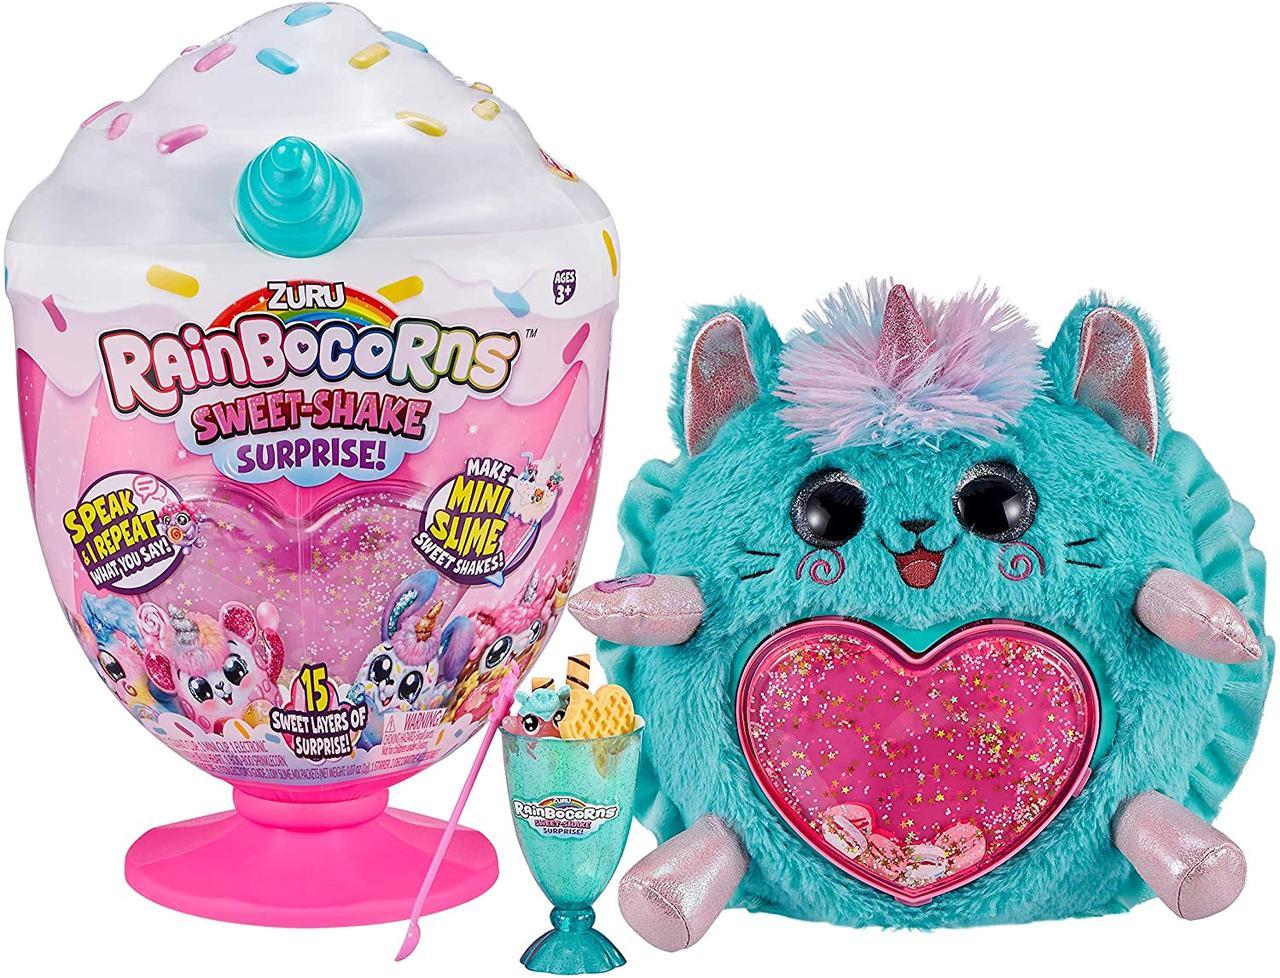 Інтерактивна м'яка іграшка Котик 15 сюрпризів ZURU Rainbocorns Plush Sweet Shake Surprise